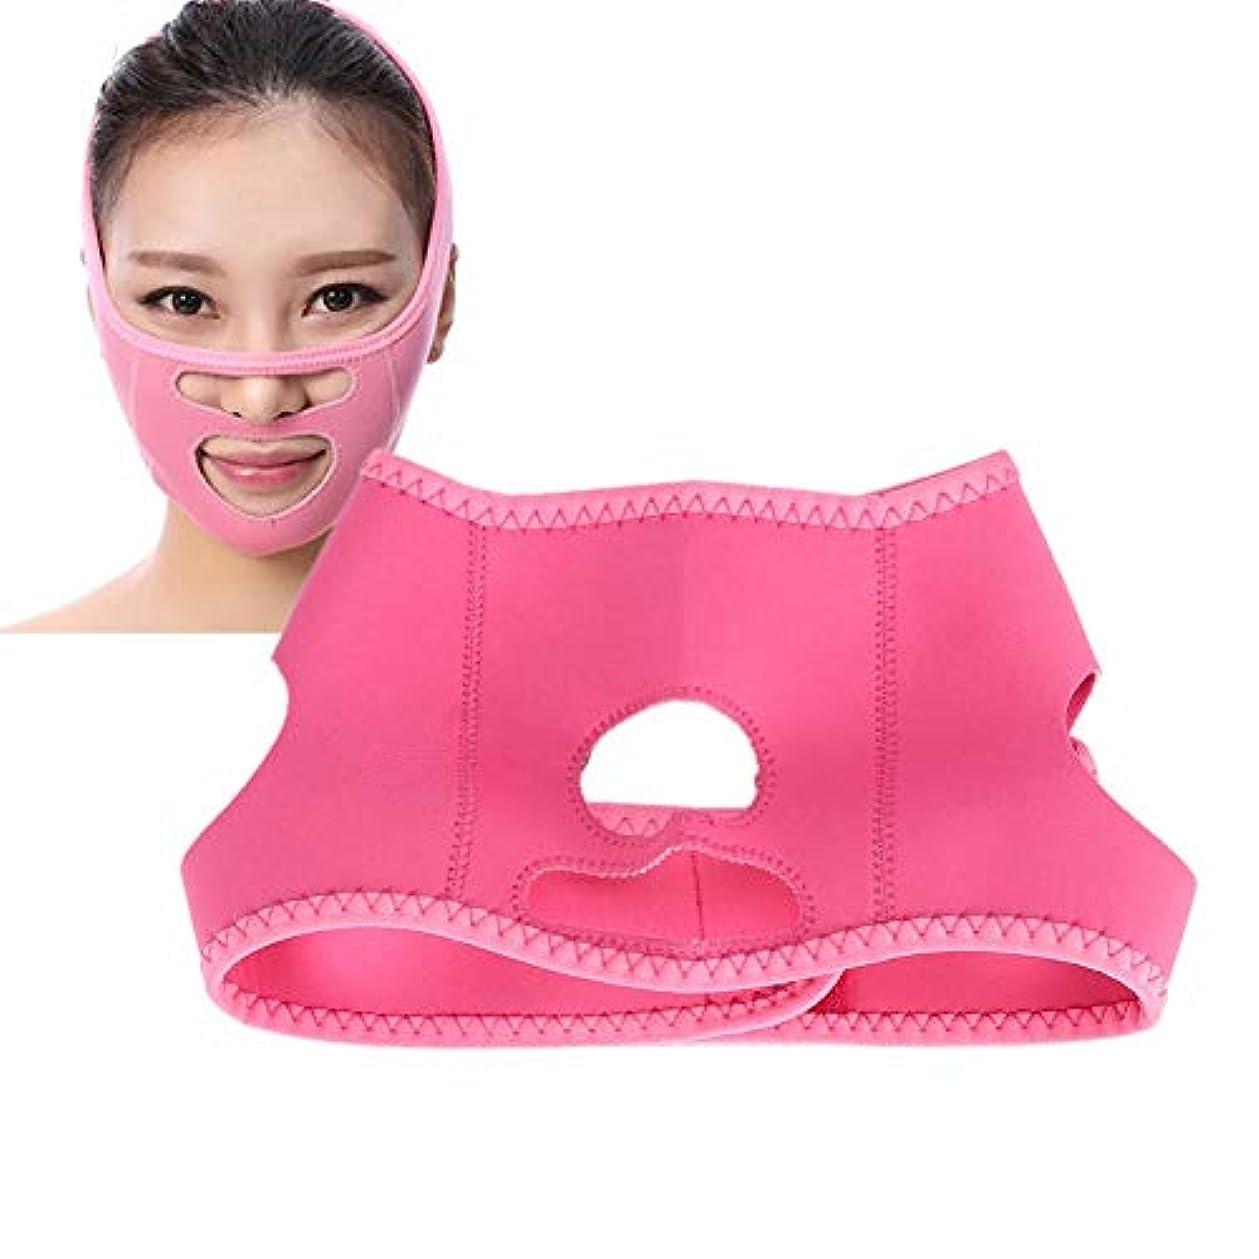 テキストスチュワーデスフェッチフェイスマスク 低反発素材 通気 小顔 矯正 顔痩せ 筋肉弛緩 二重あご 補正ベルト